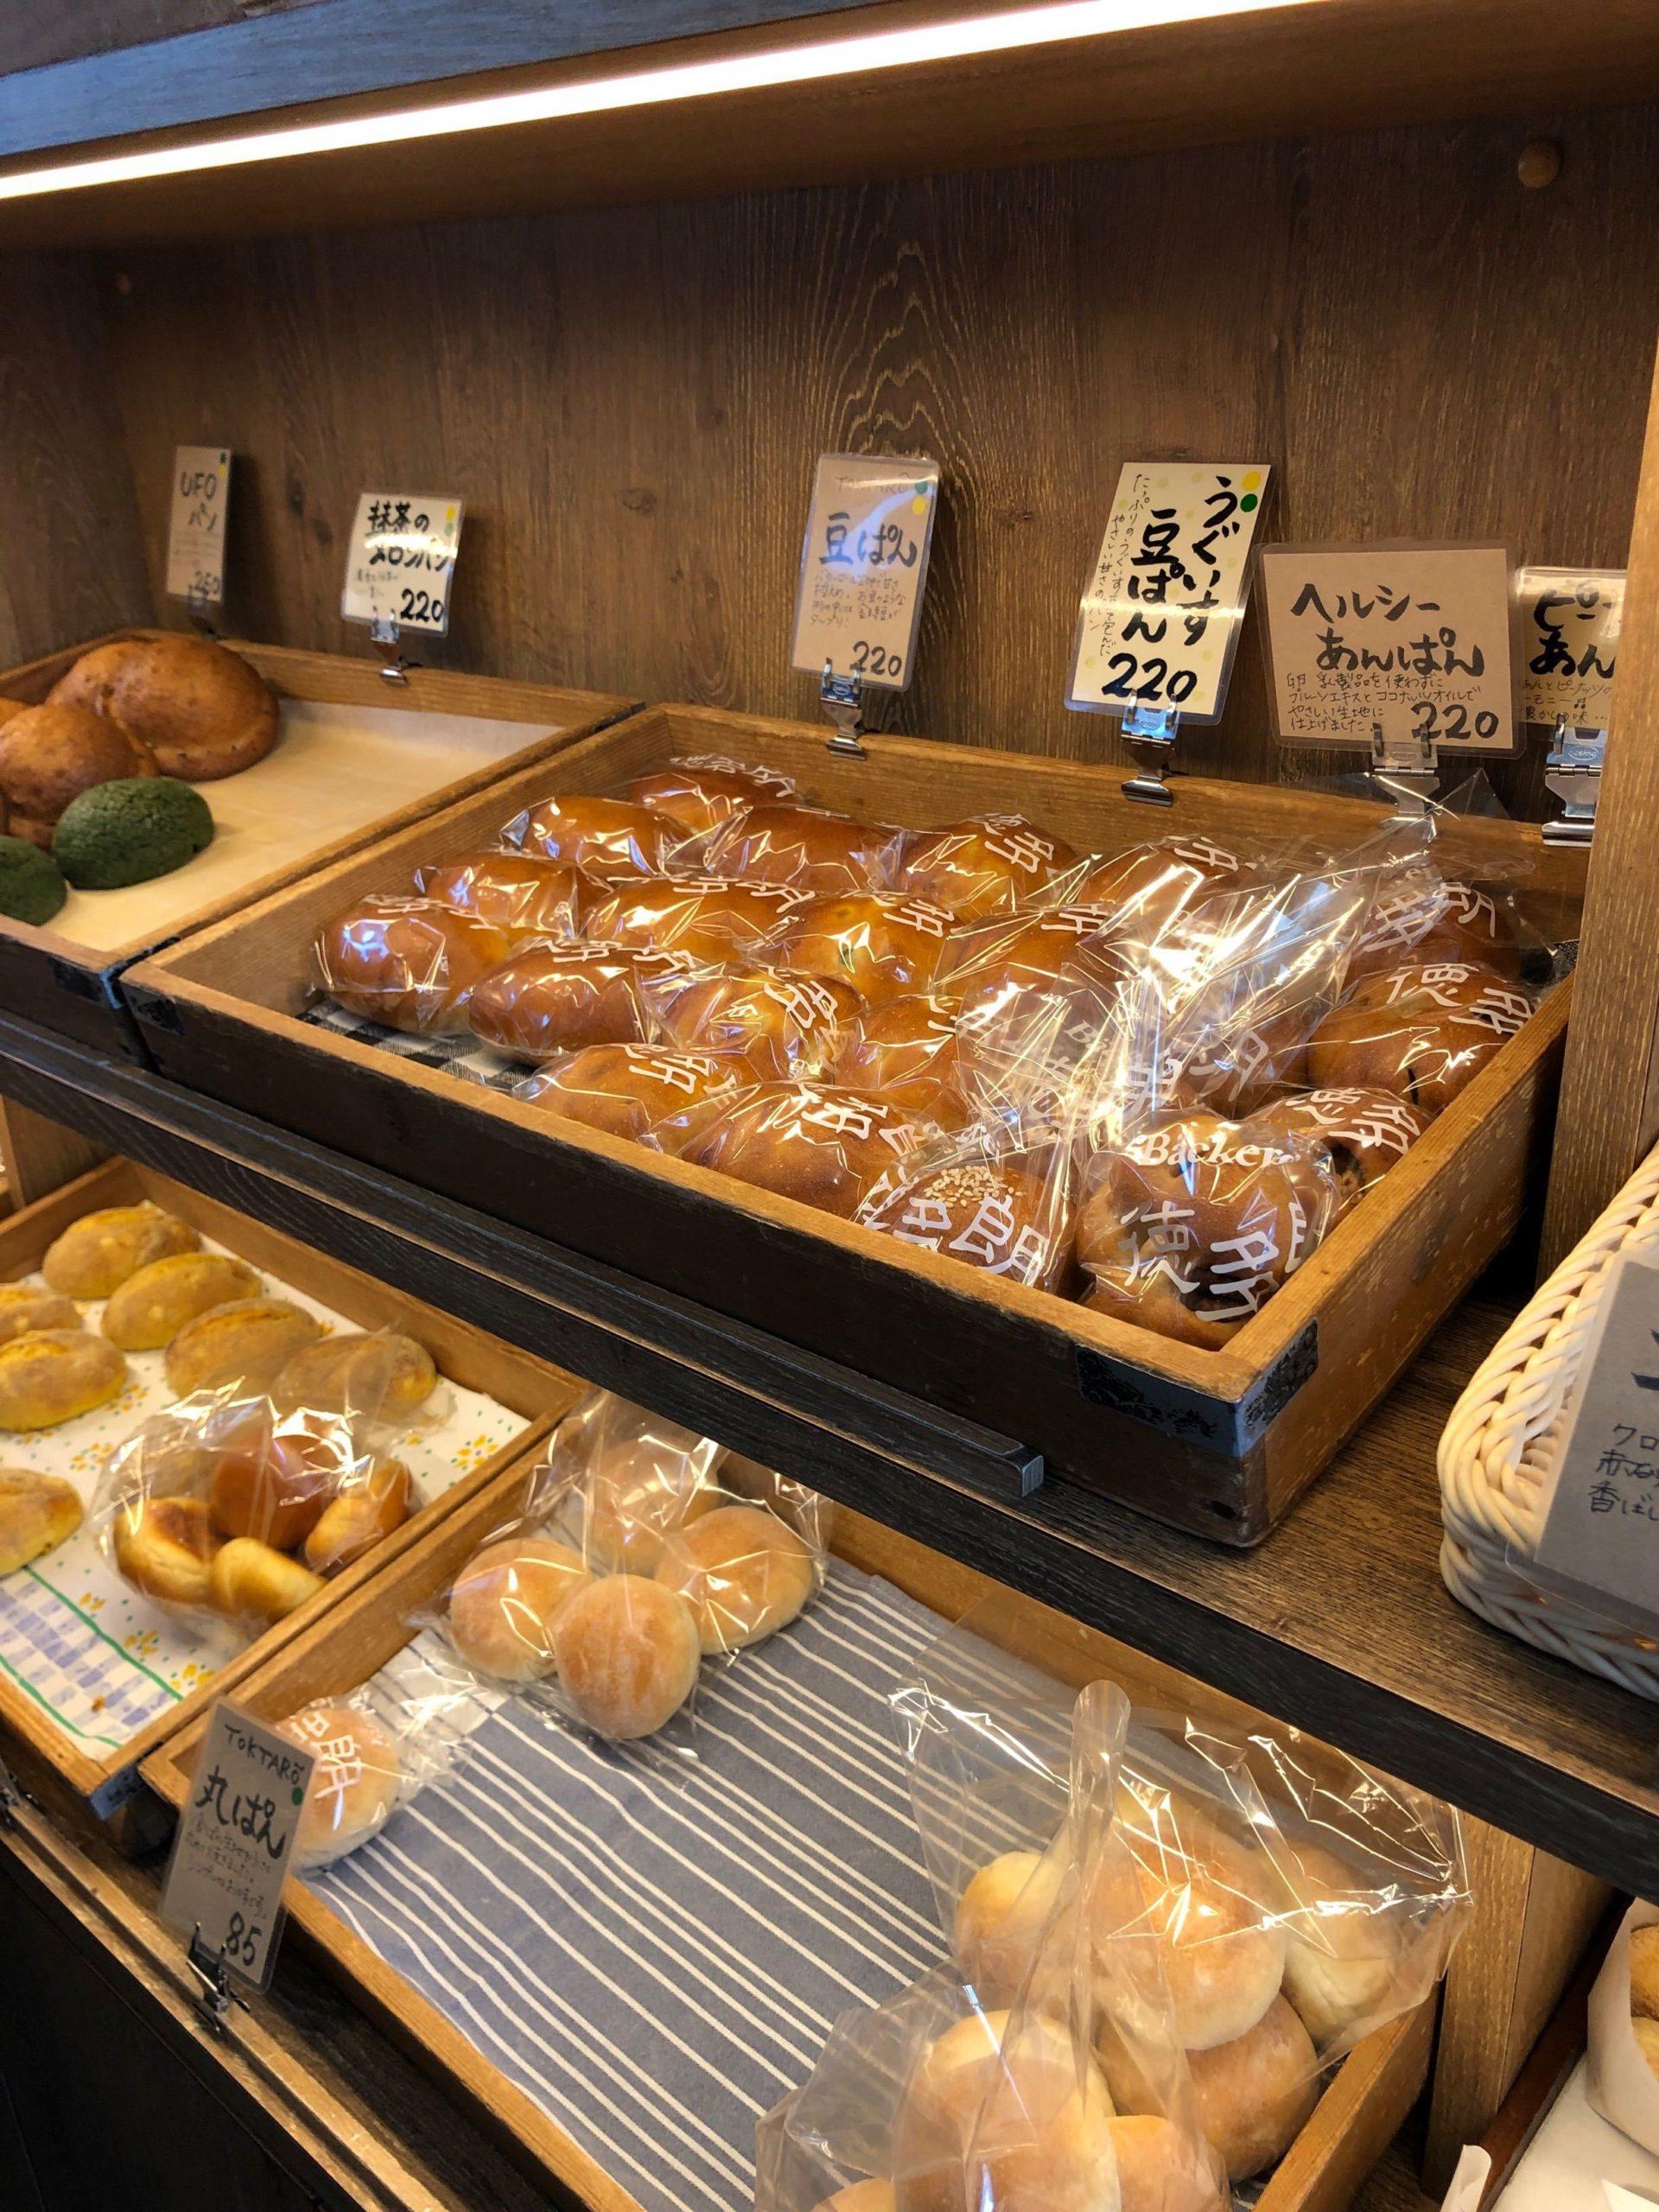 徳多朗のパン